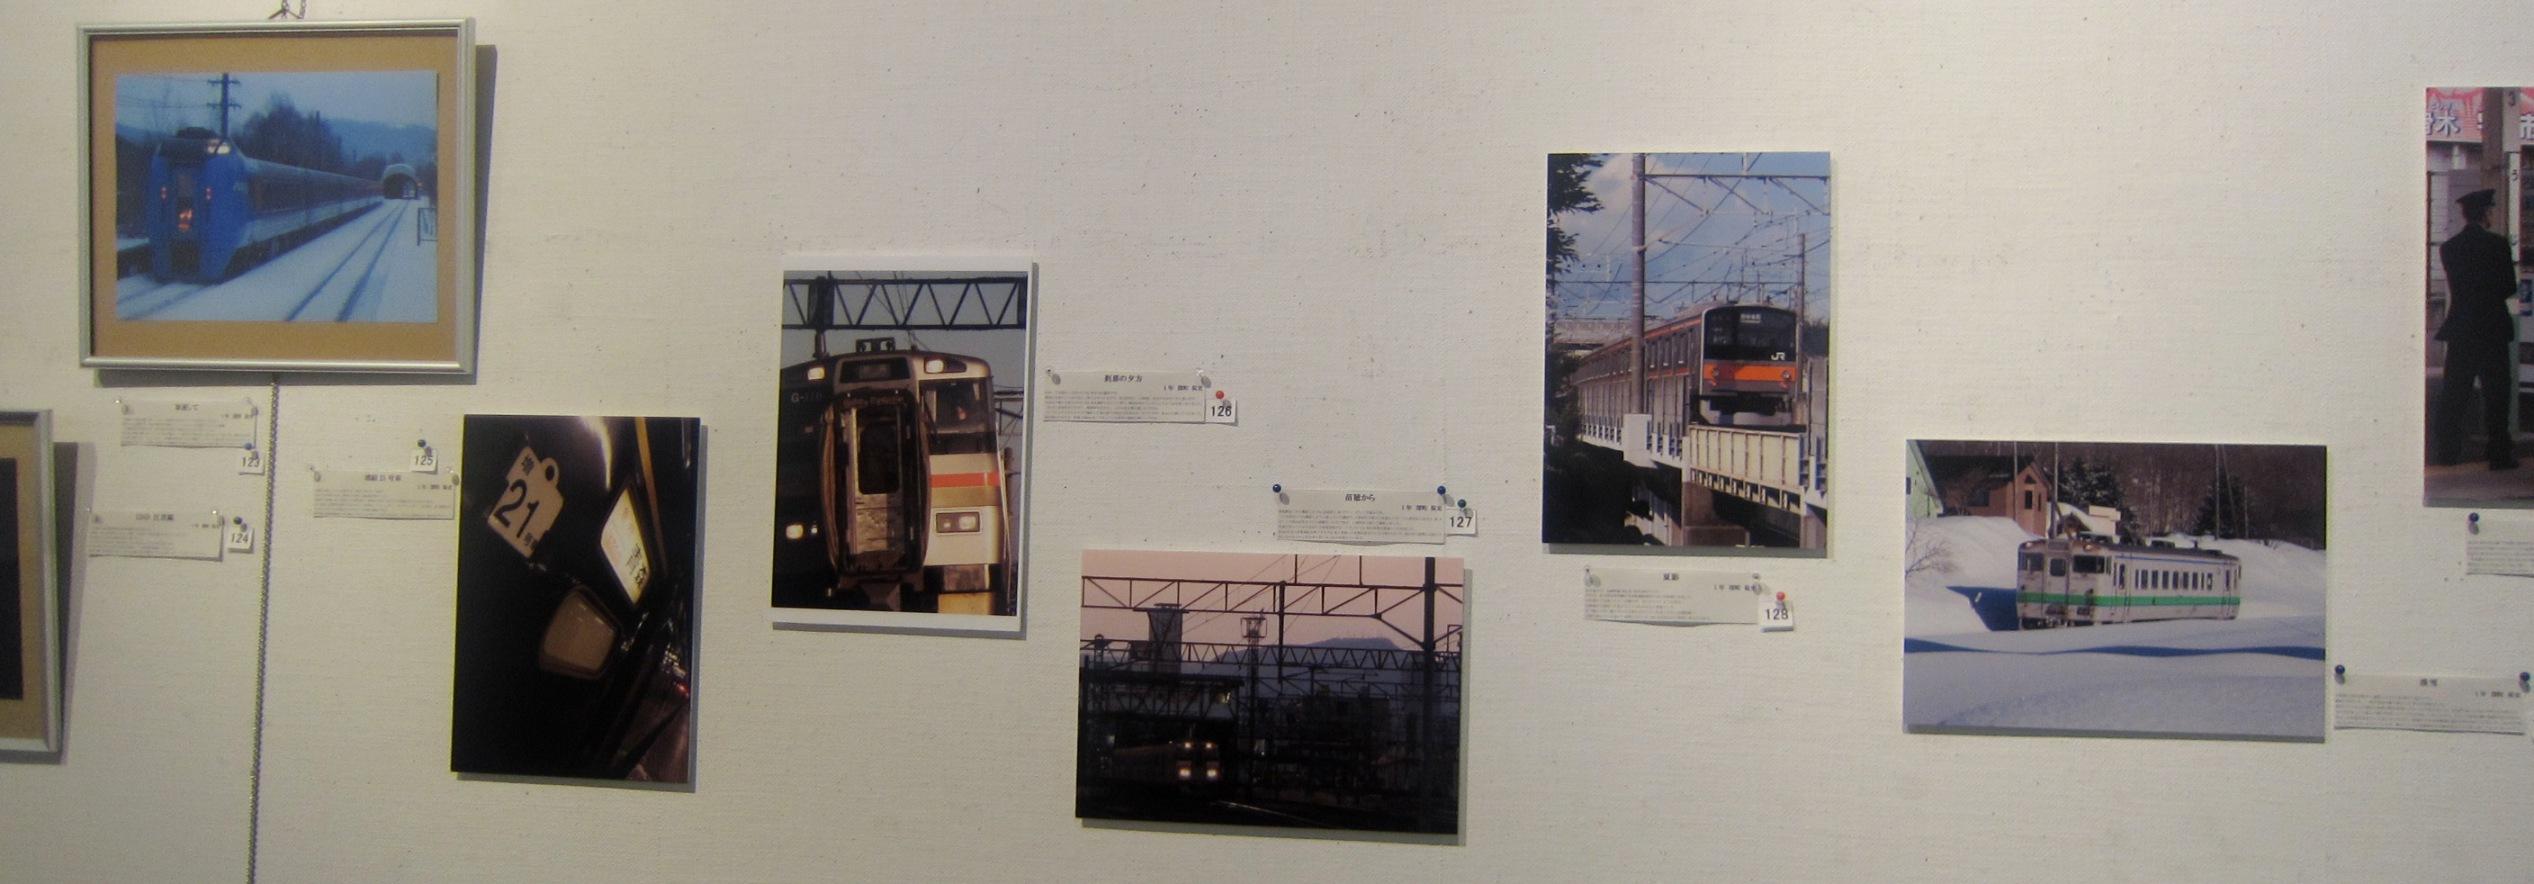 1943)①「札幌大学写真部 卒業写真展 & 学外写真展」 市民g. 終了2月20日(水)~2月24日(日)  _f0126829_21221963.jpg